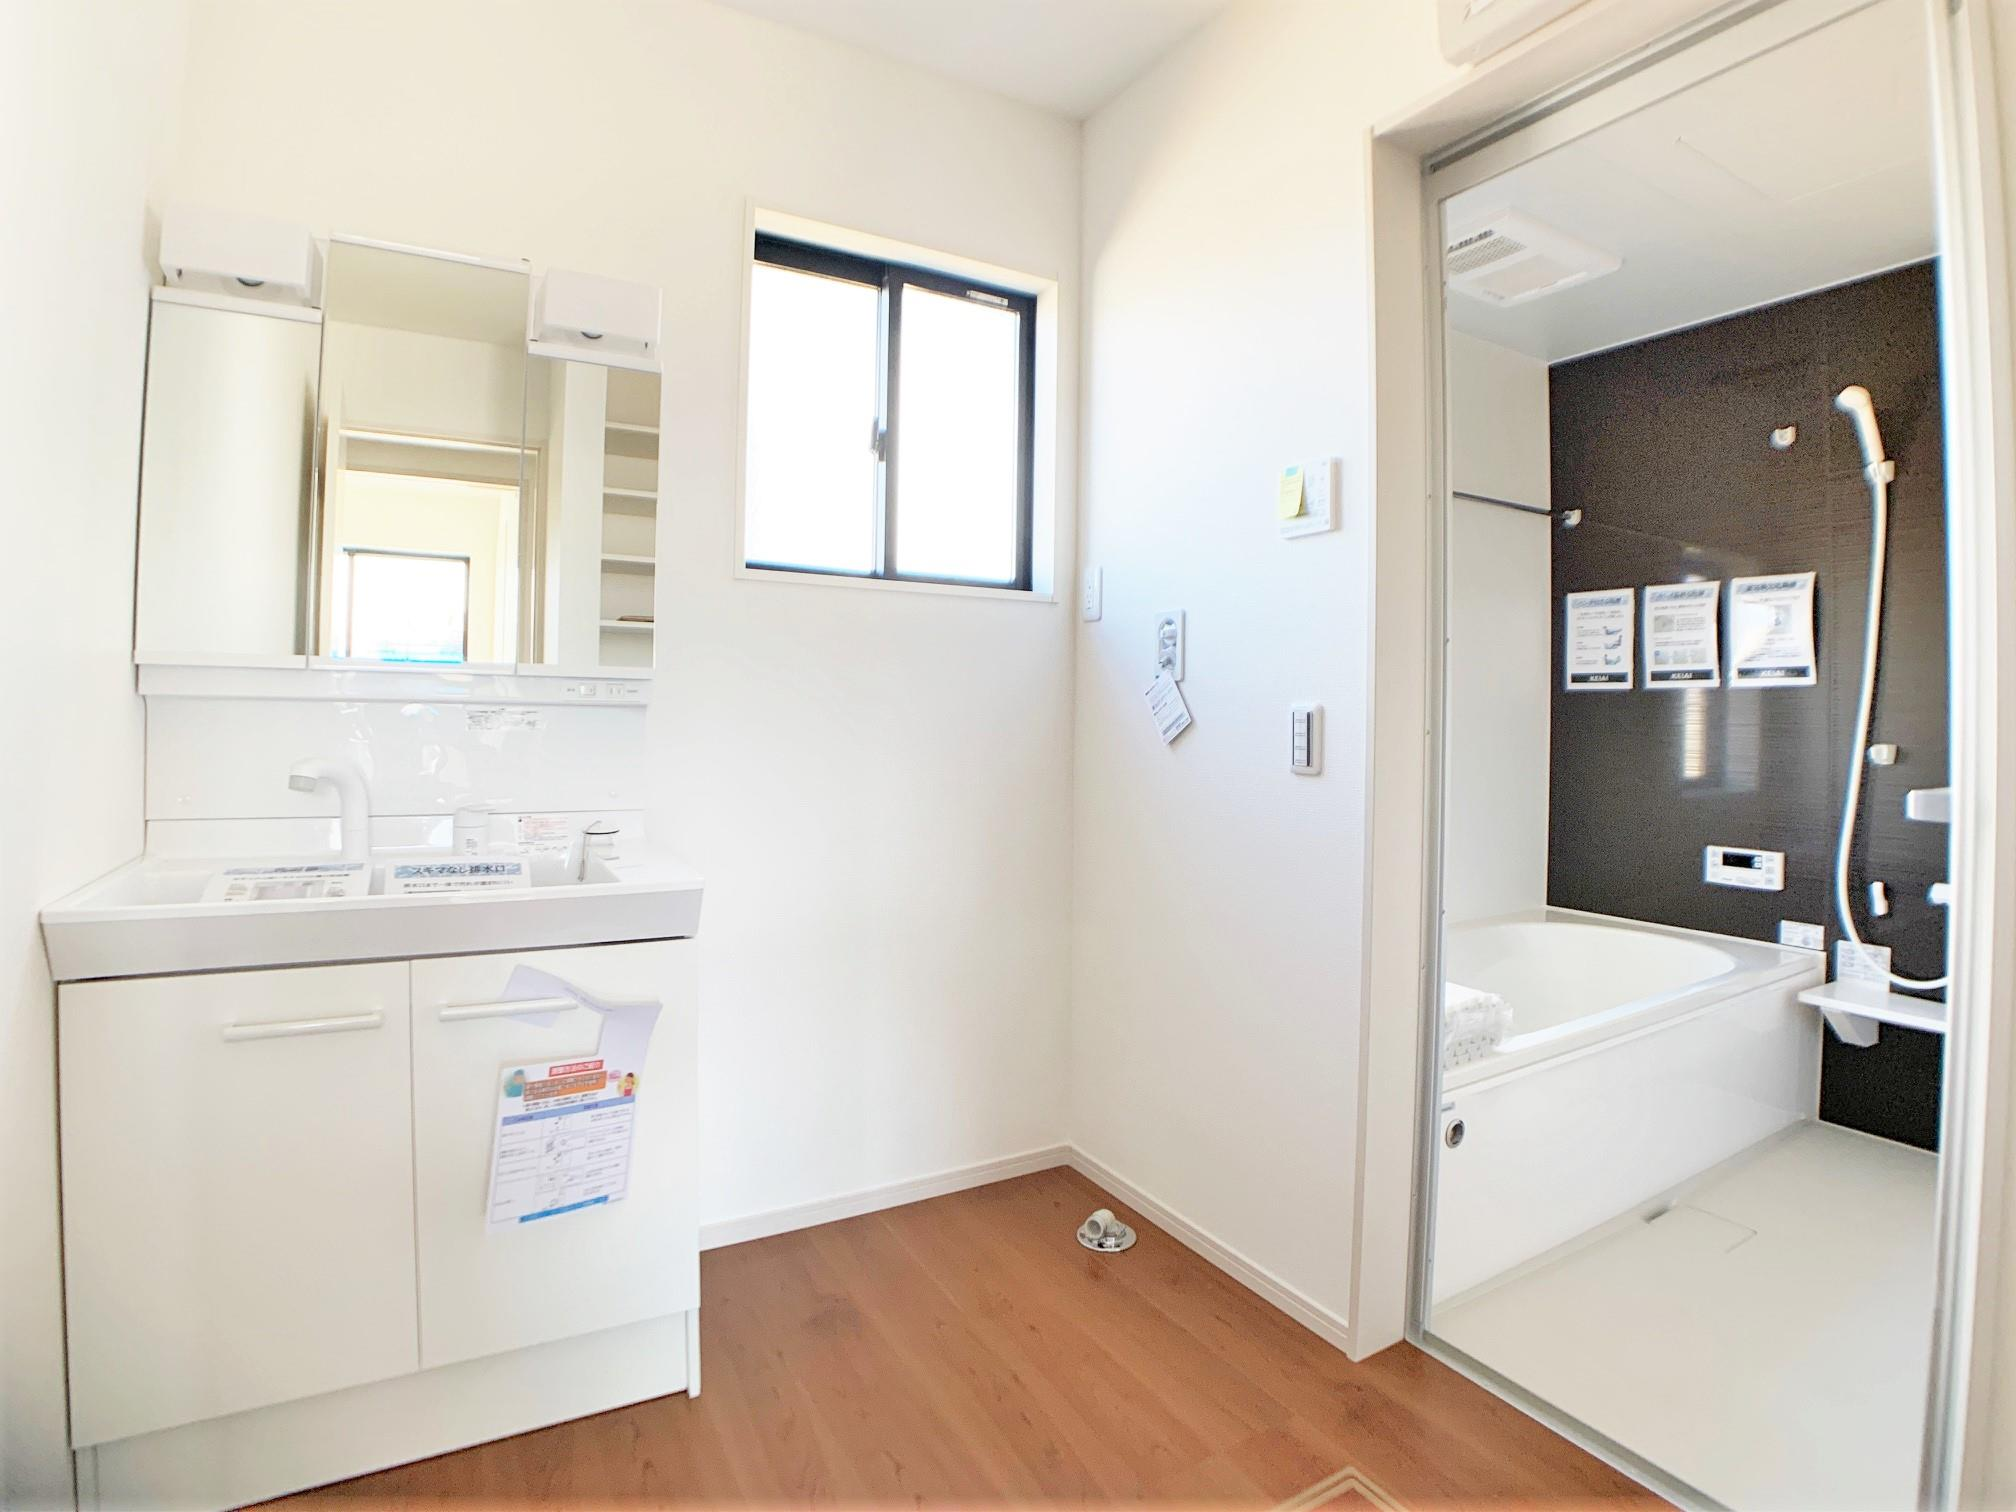 洗面台・洗面所三面鏡洗面化粧台。朝の忙しい時にも安心のシャンプードレッサーです